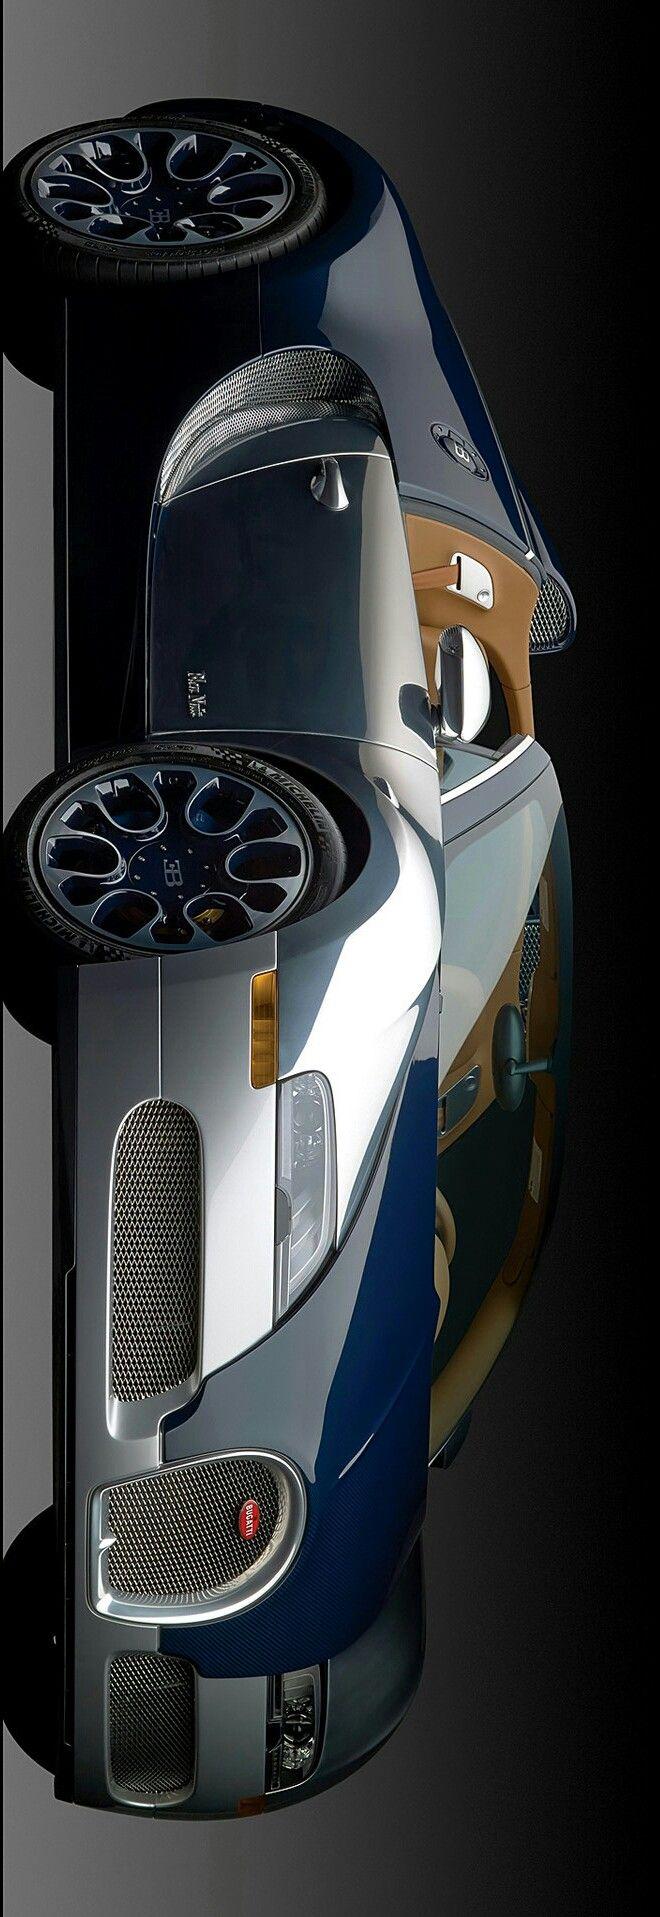 Bugatti Veyron Grand Sport Bleu Nuit by Levon